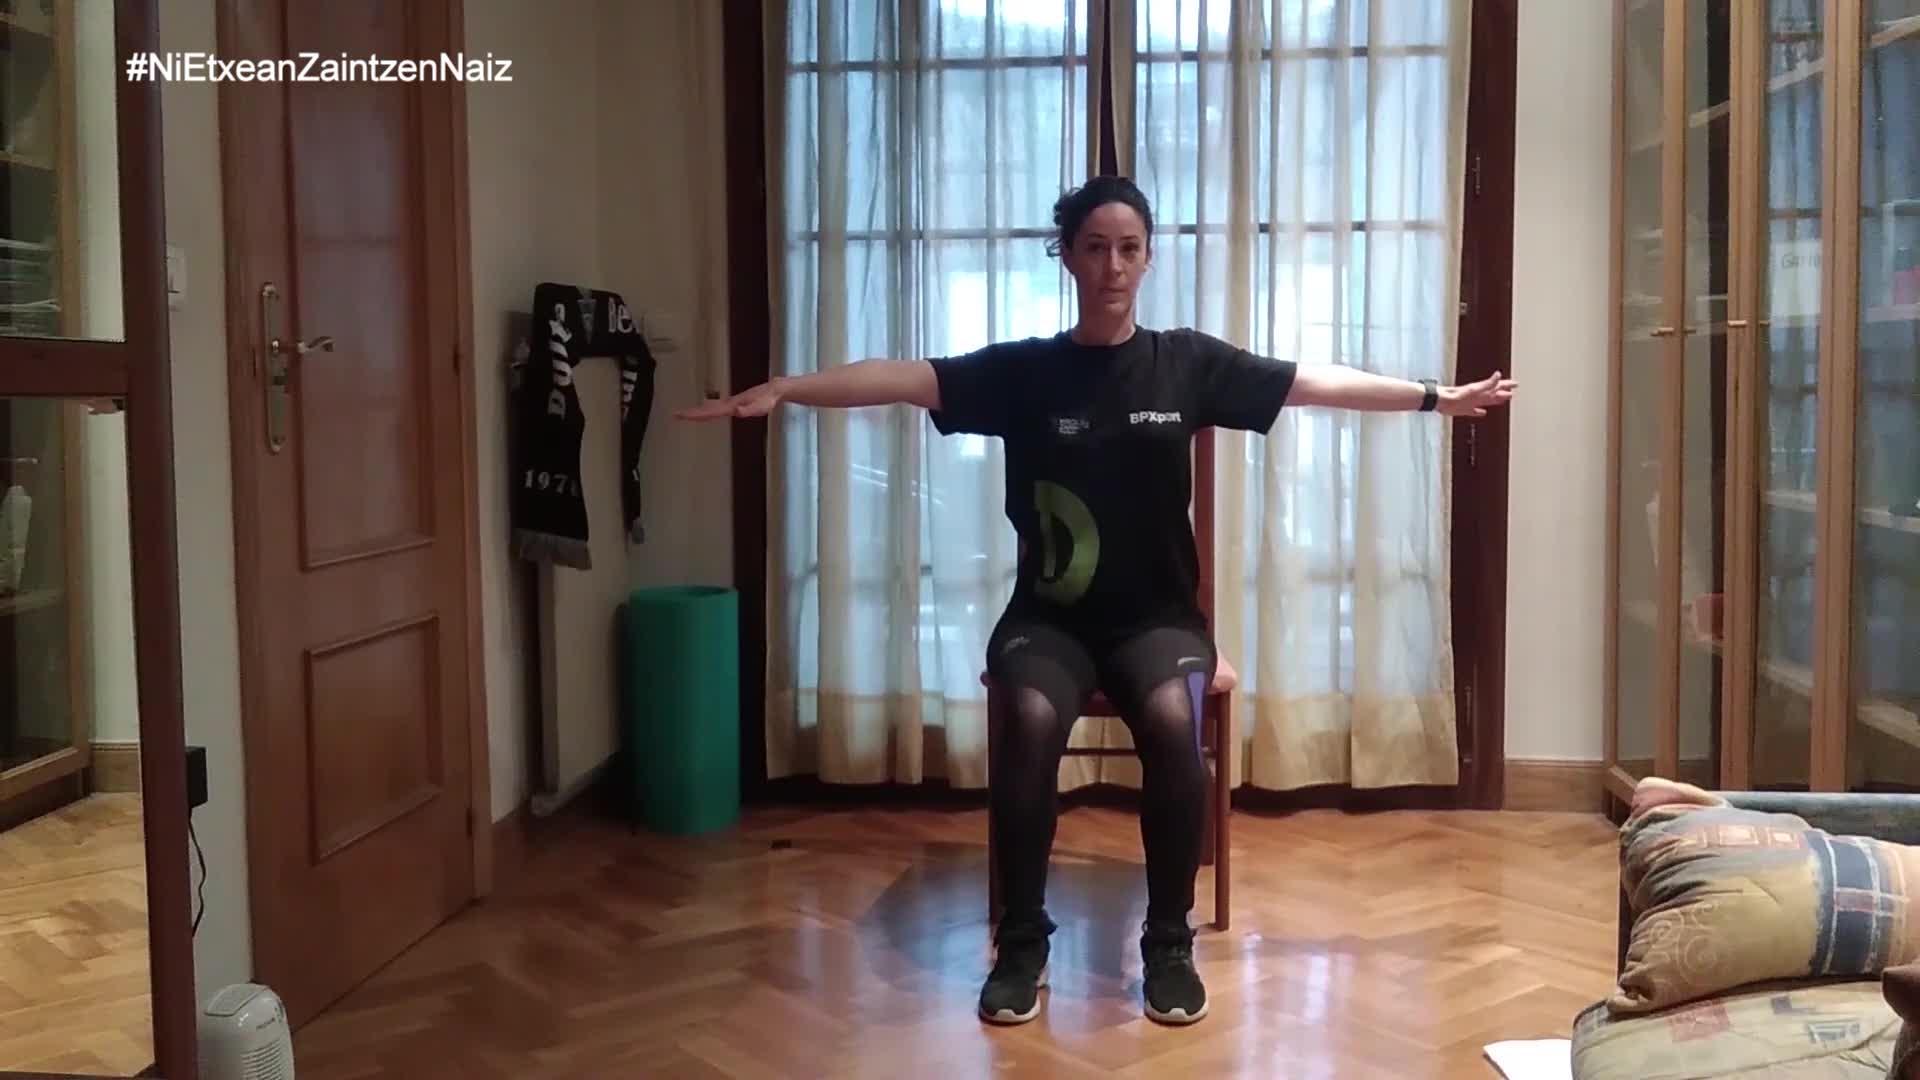 #NiEtxeanZaintzenNaiz: Zarauzko kiroldegiko begiraleek adinekoentzat prestatutako 28. saioa